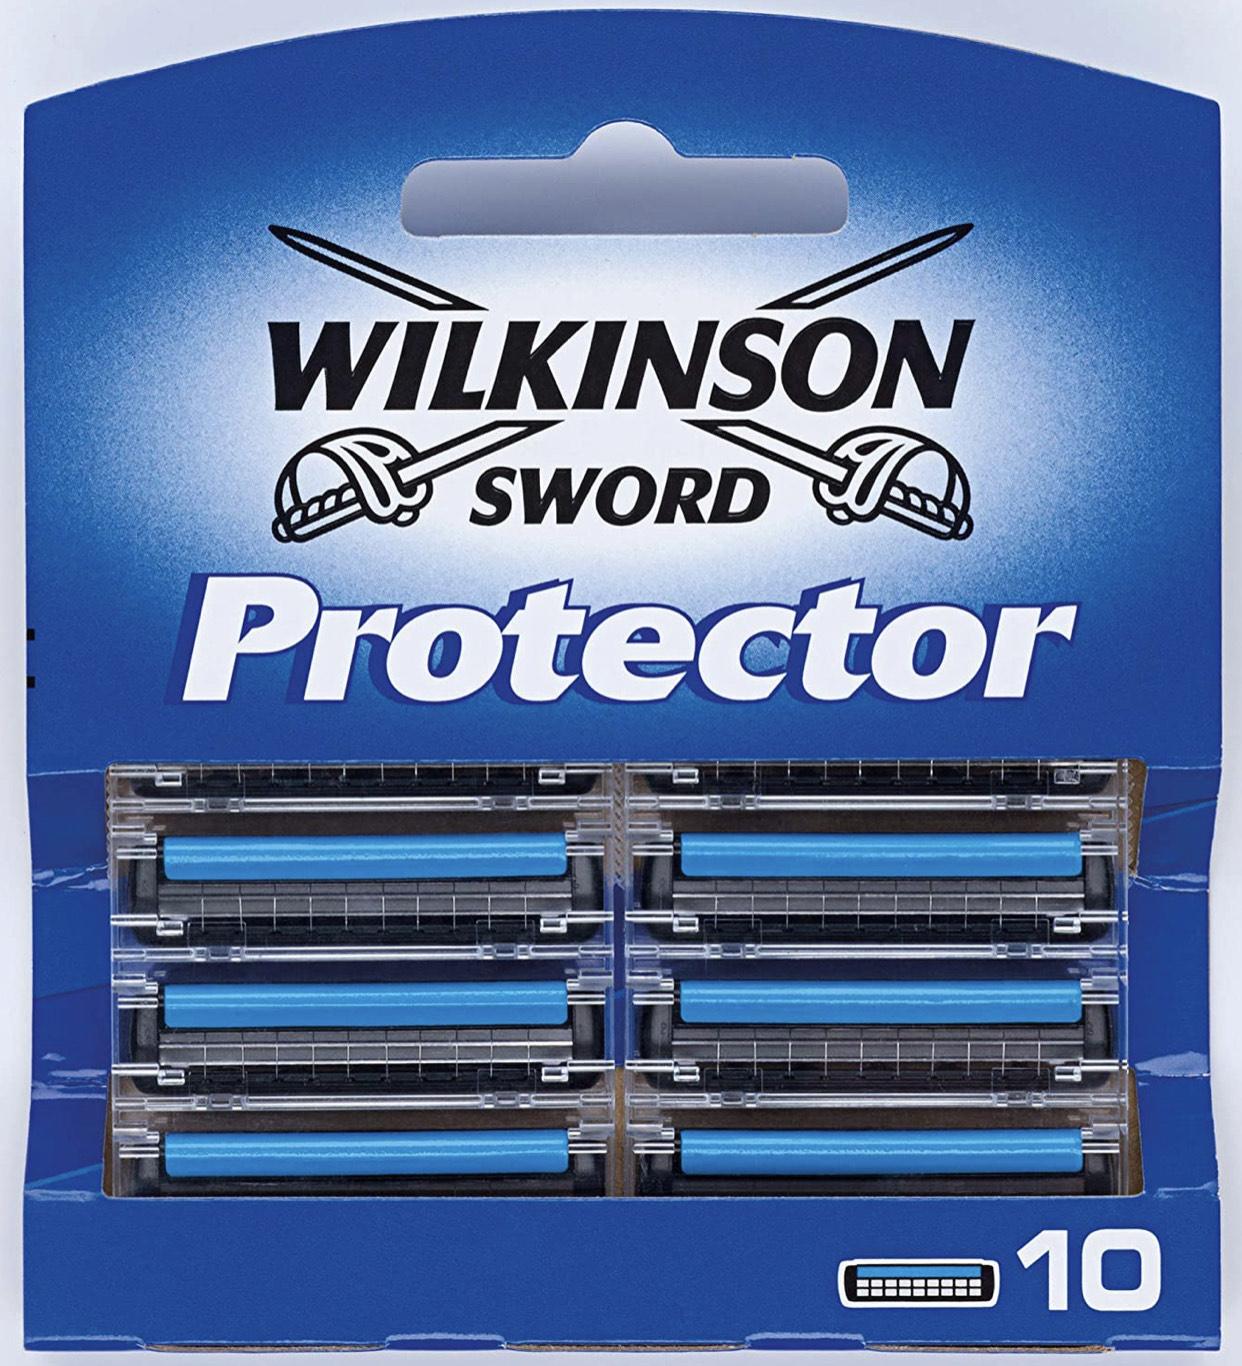 Paquet de 10 lames de rasoir Wilkinson Sword Protector